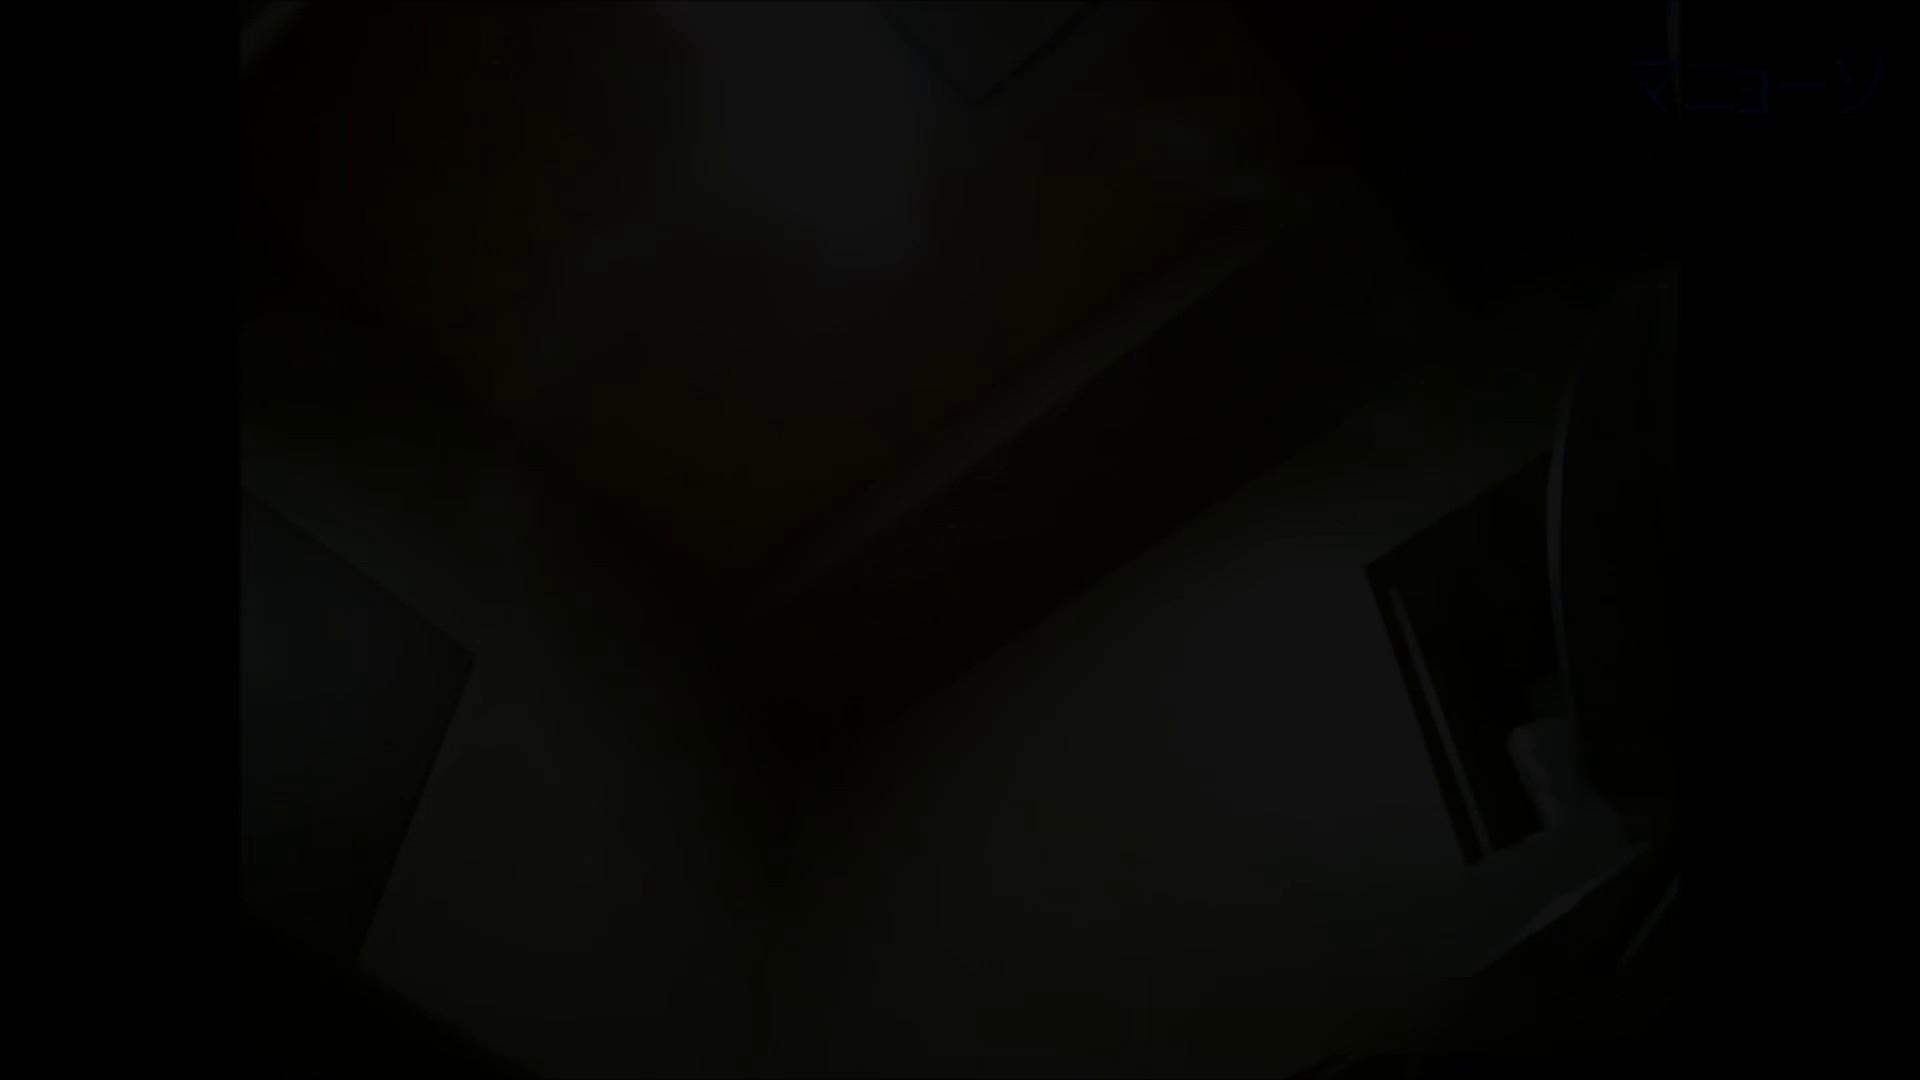 トイレでひと肌脱いでもらいました (番外編)Vol.01 丸見え えろ無修正画像 50画像 42